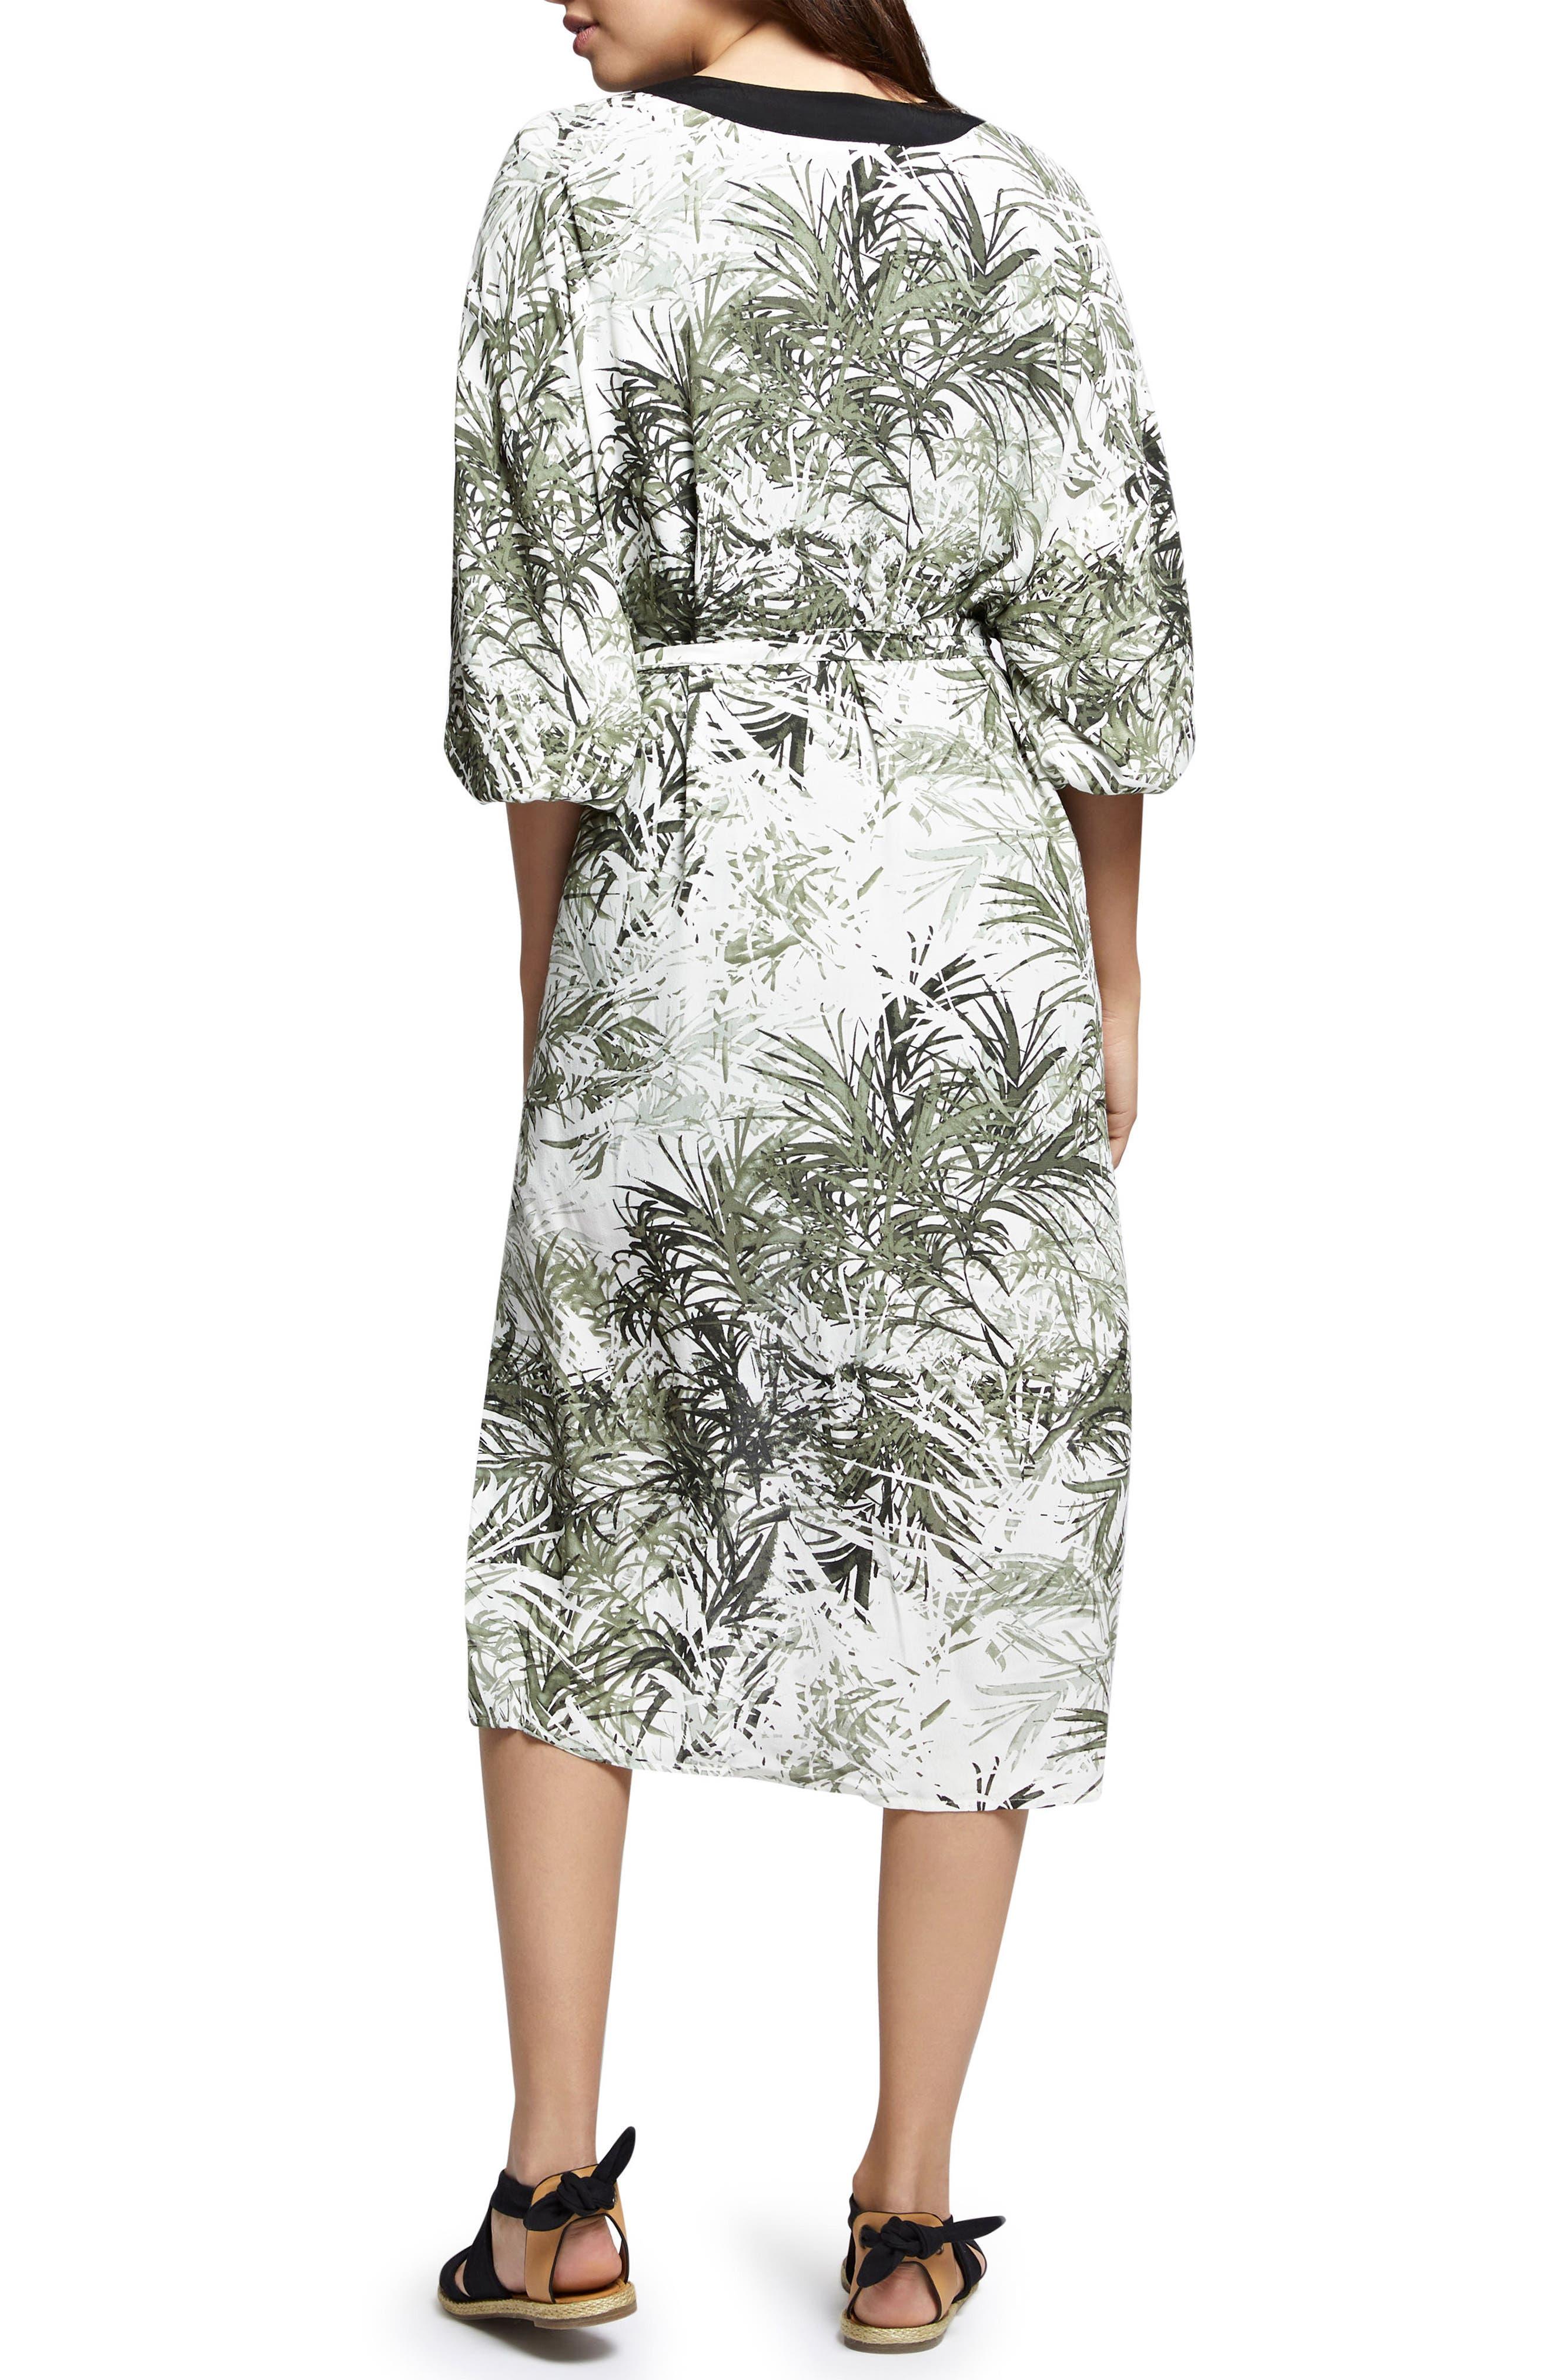 Calico Print Kimono,                             Alternate thumbnail 2, color,                             Tiki Palm